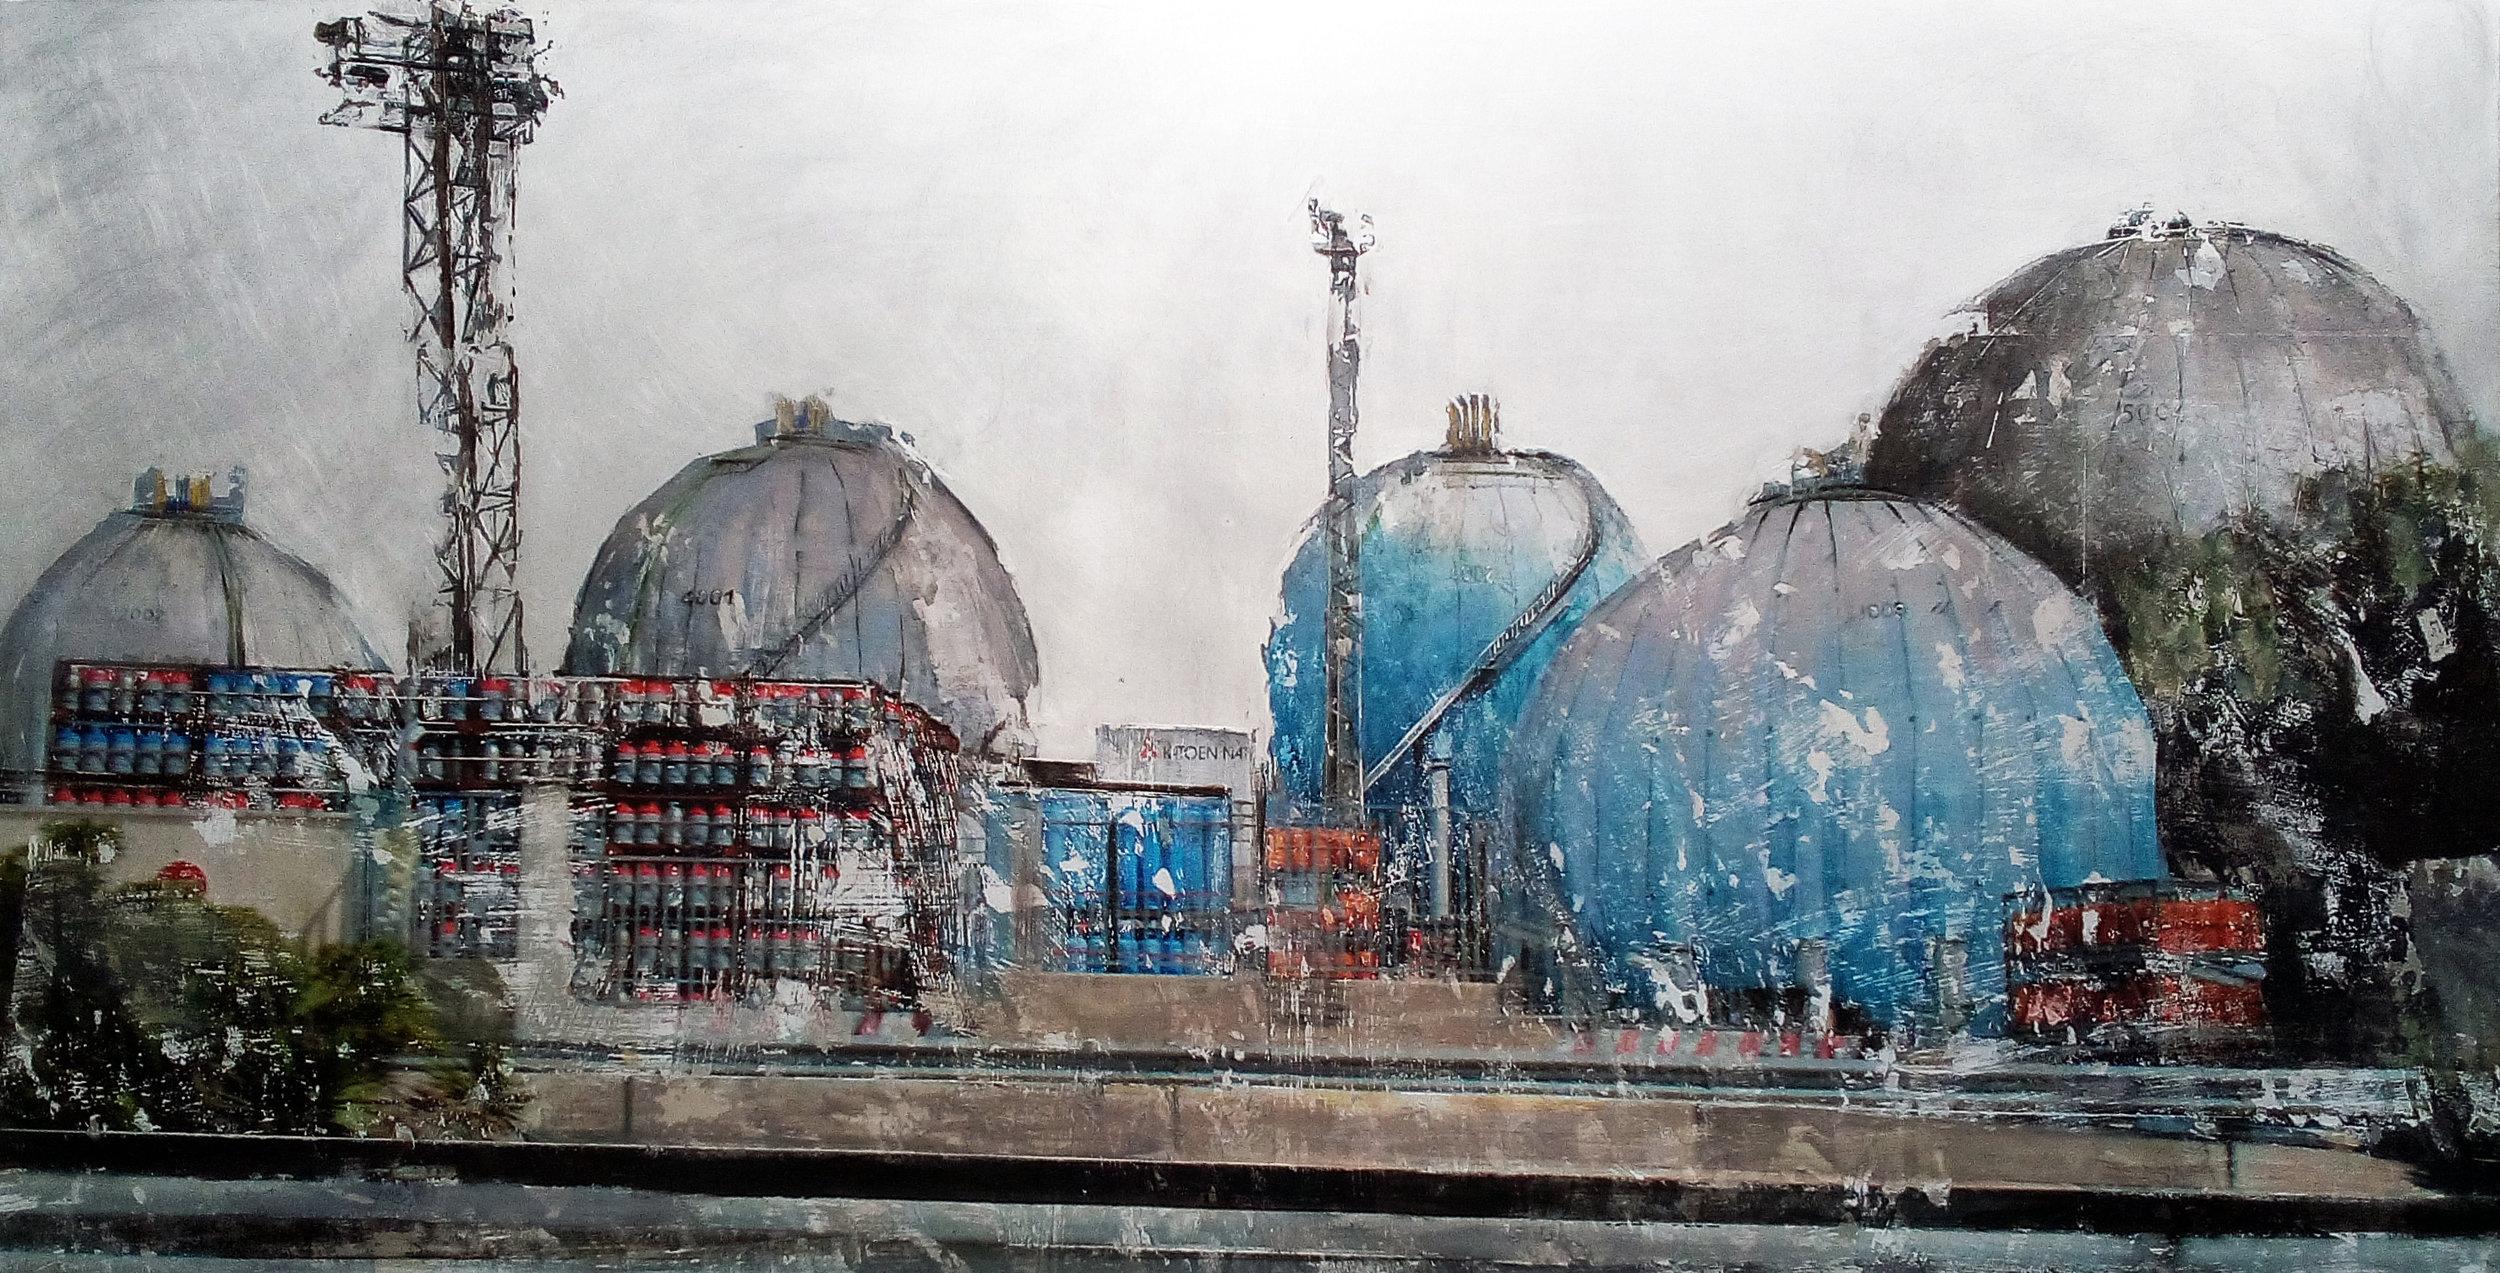 Les dômes bleus technique mixte photographique 40 x 80 cm